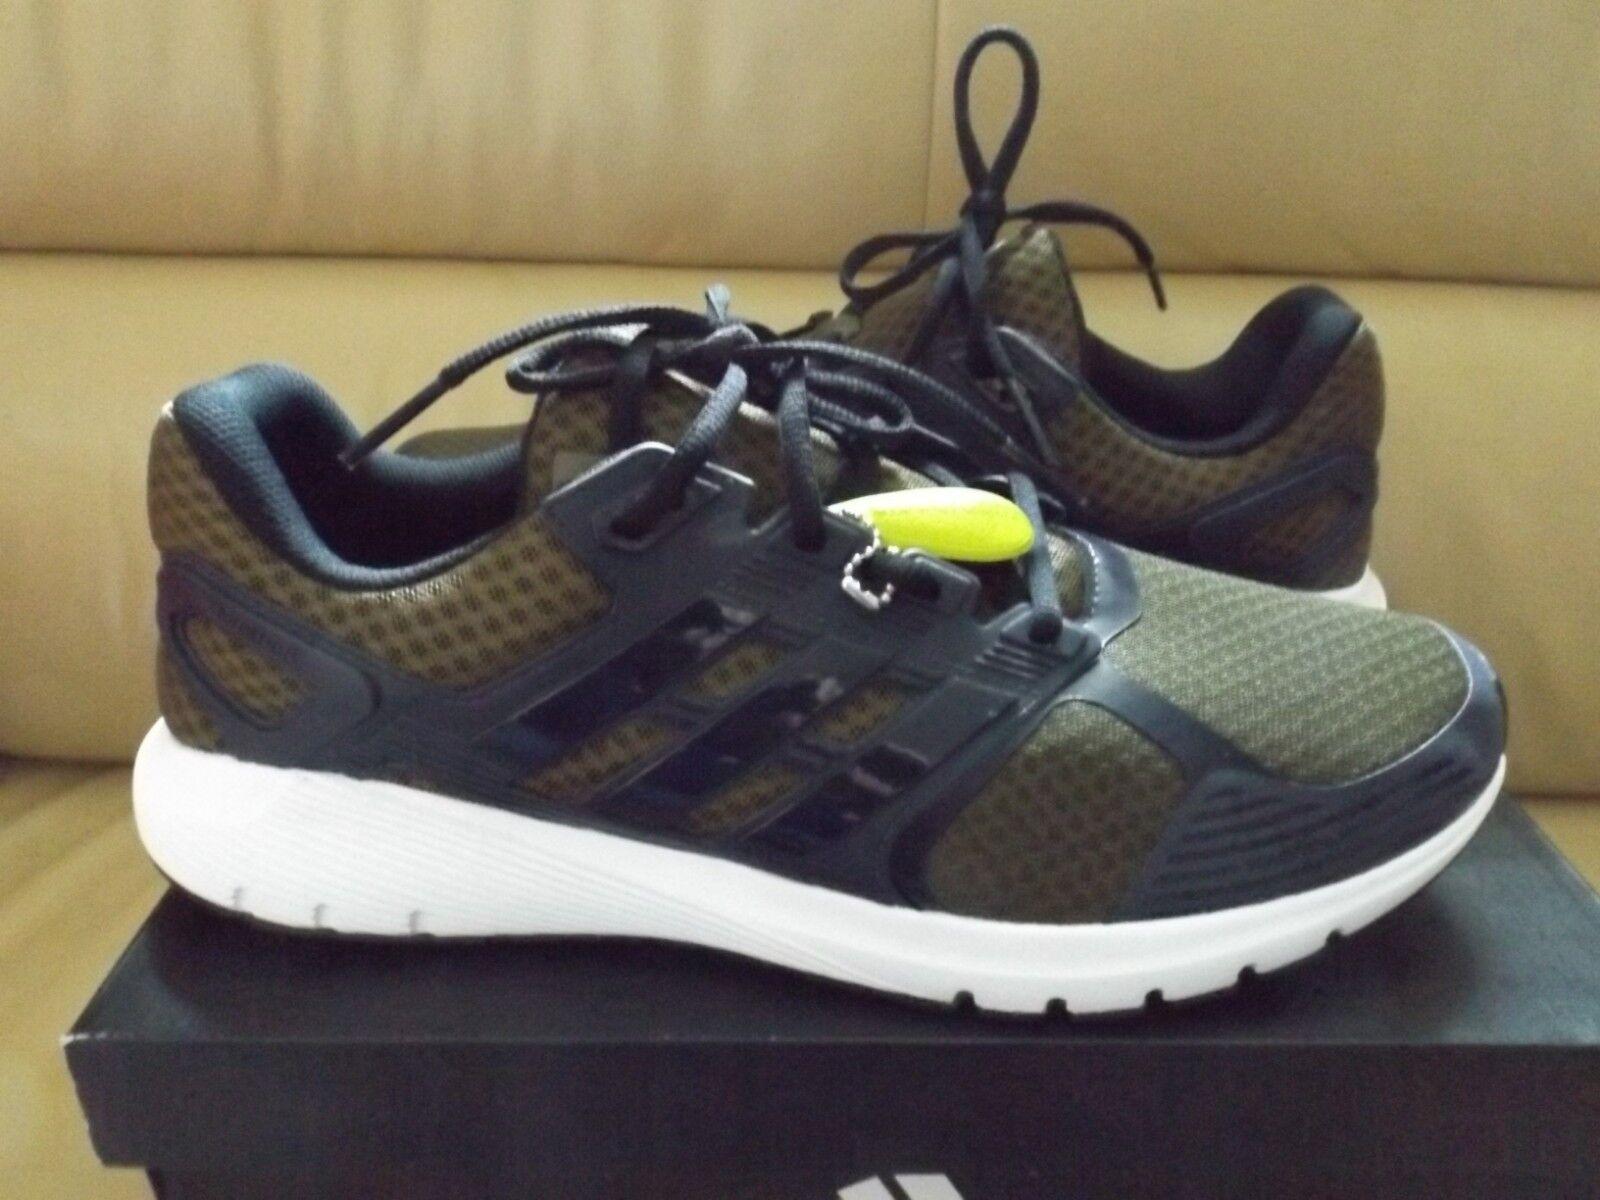 Adidas duramo 8 uomini dimensioni 11,5 scarpe da corsa cloudfoam oro grezzo / marina ba8081 nuova